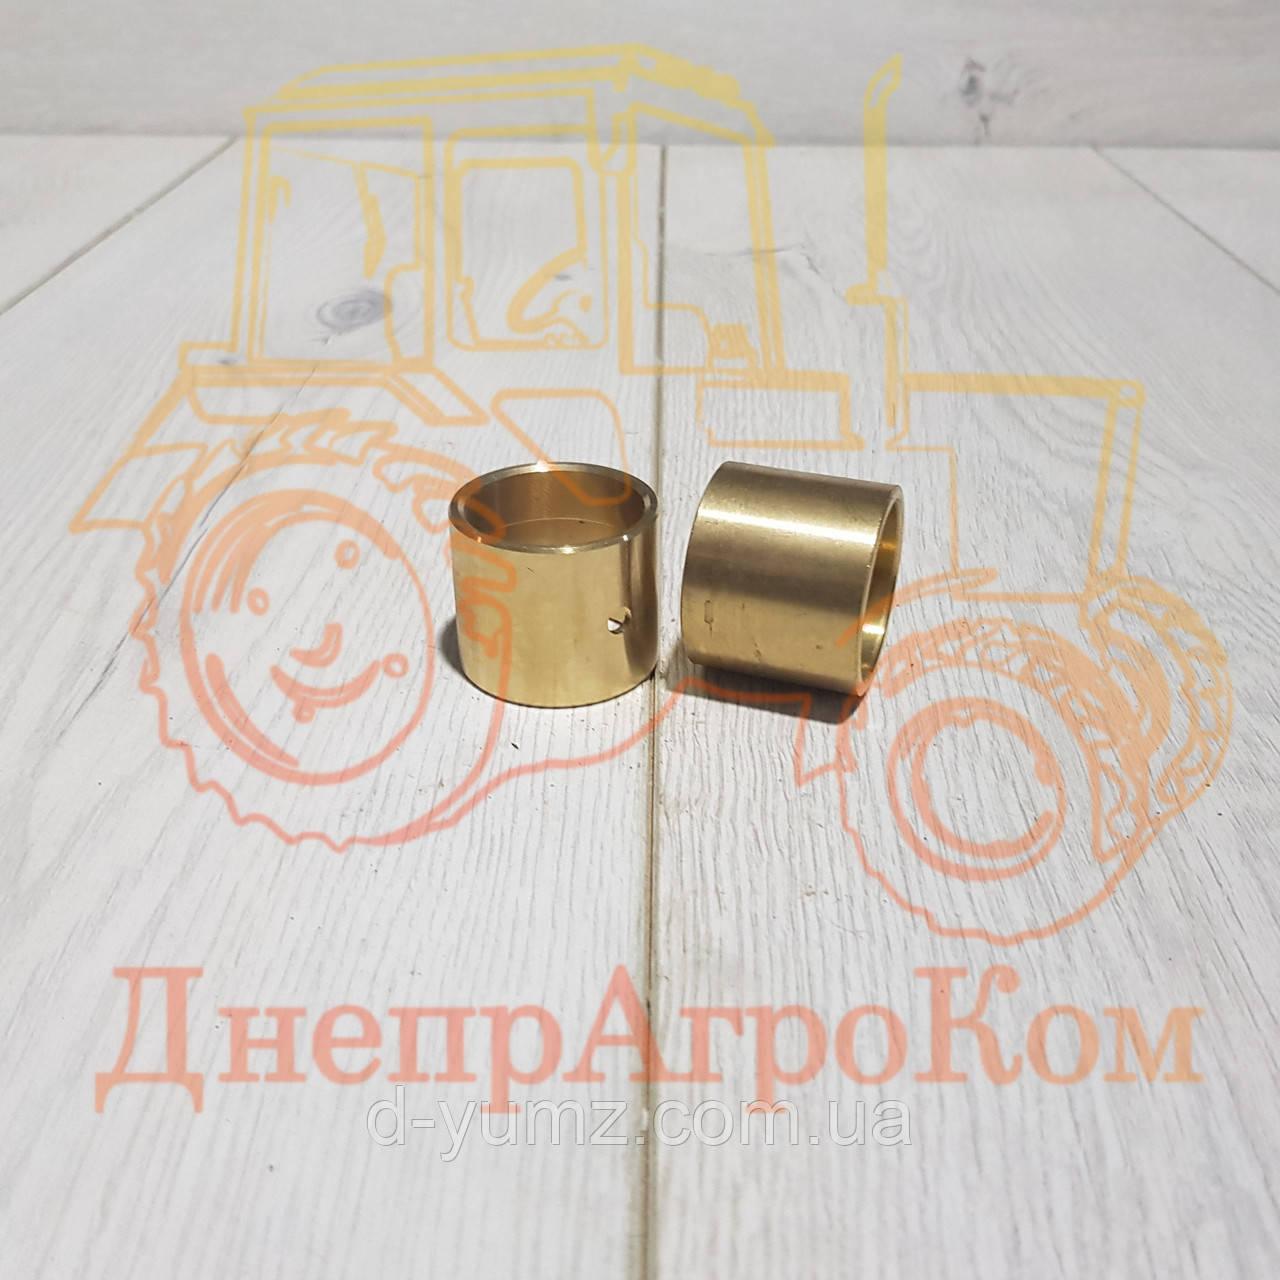 Втулка шатуна ЮМЗ Д-65 | 50-1004115